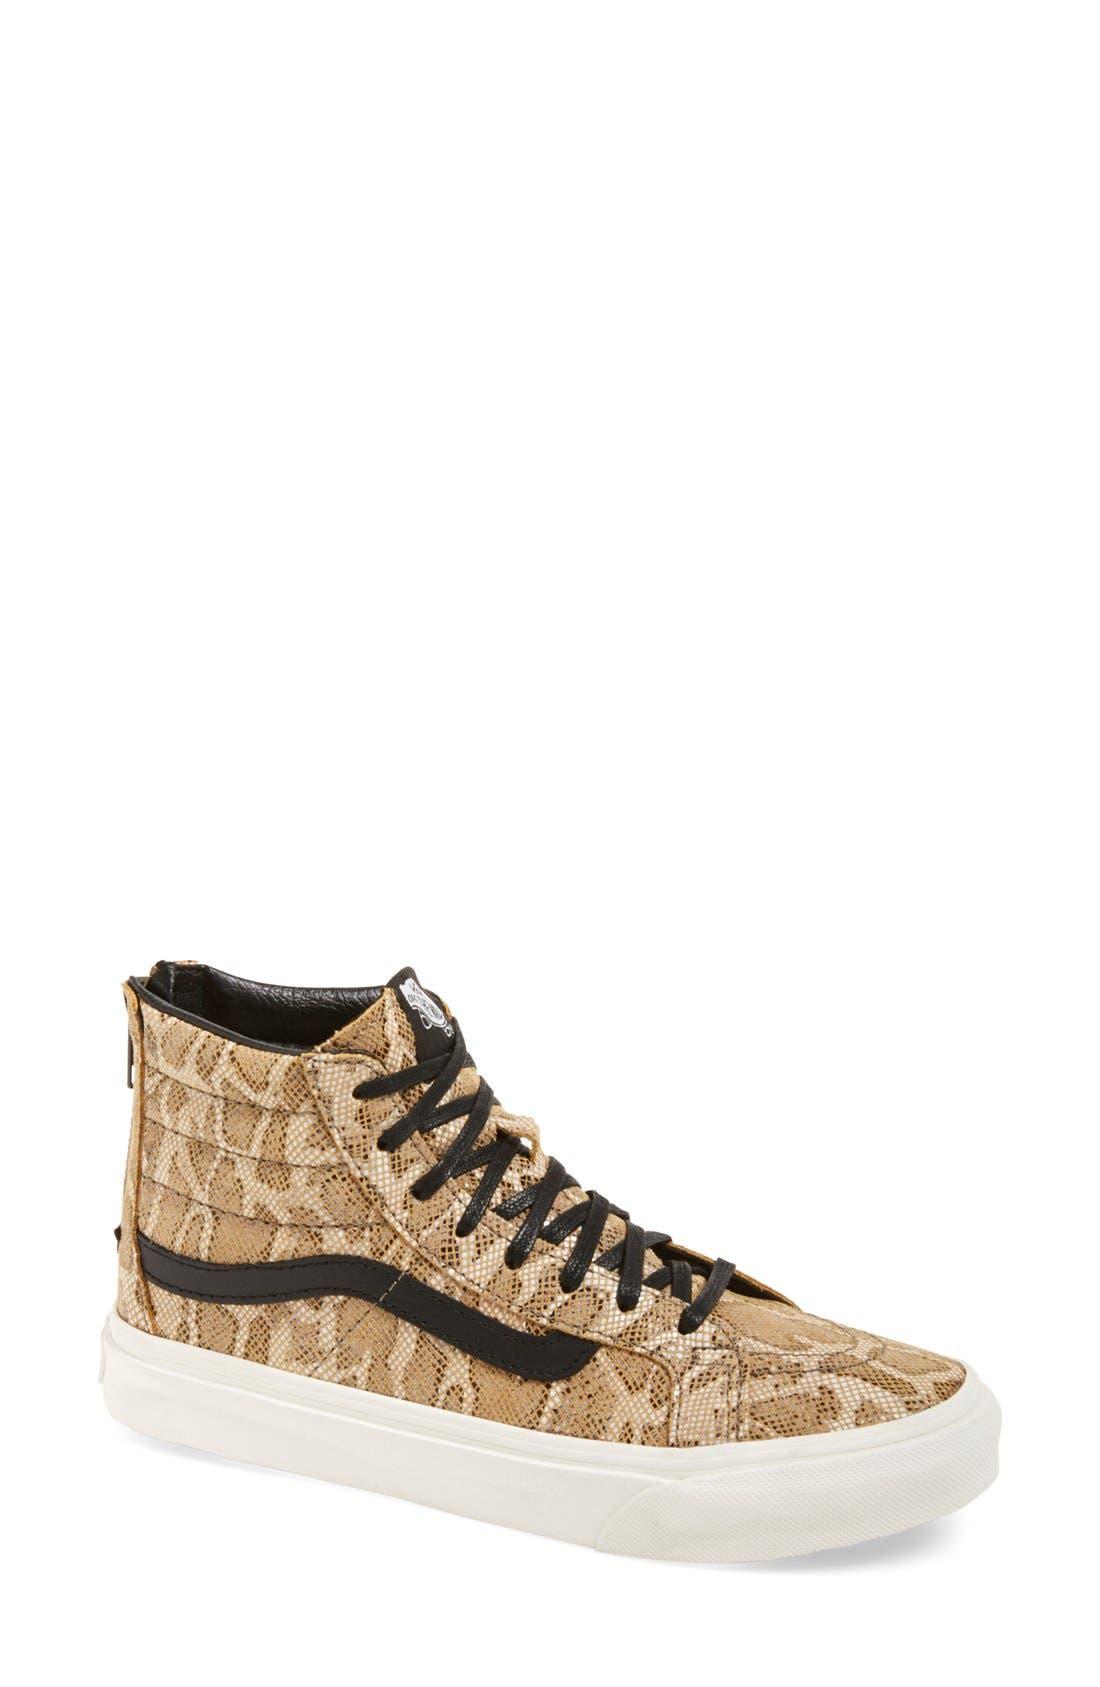 'Sk8-Hi' Zip Sneaker, Main, color, 200